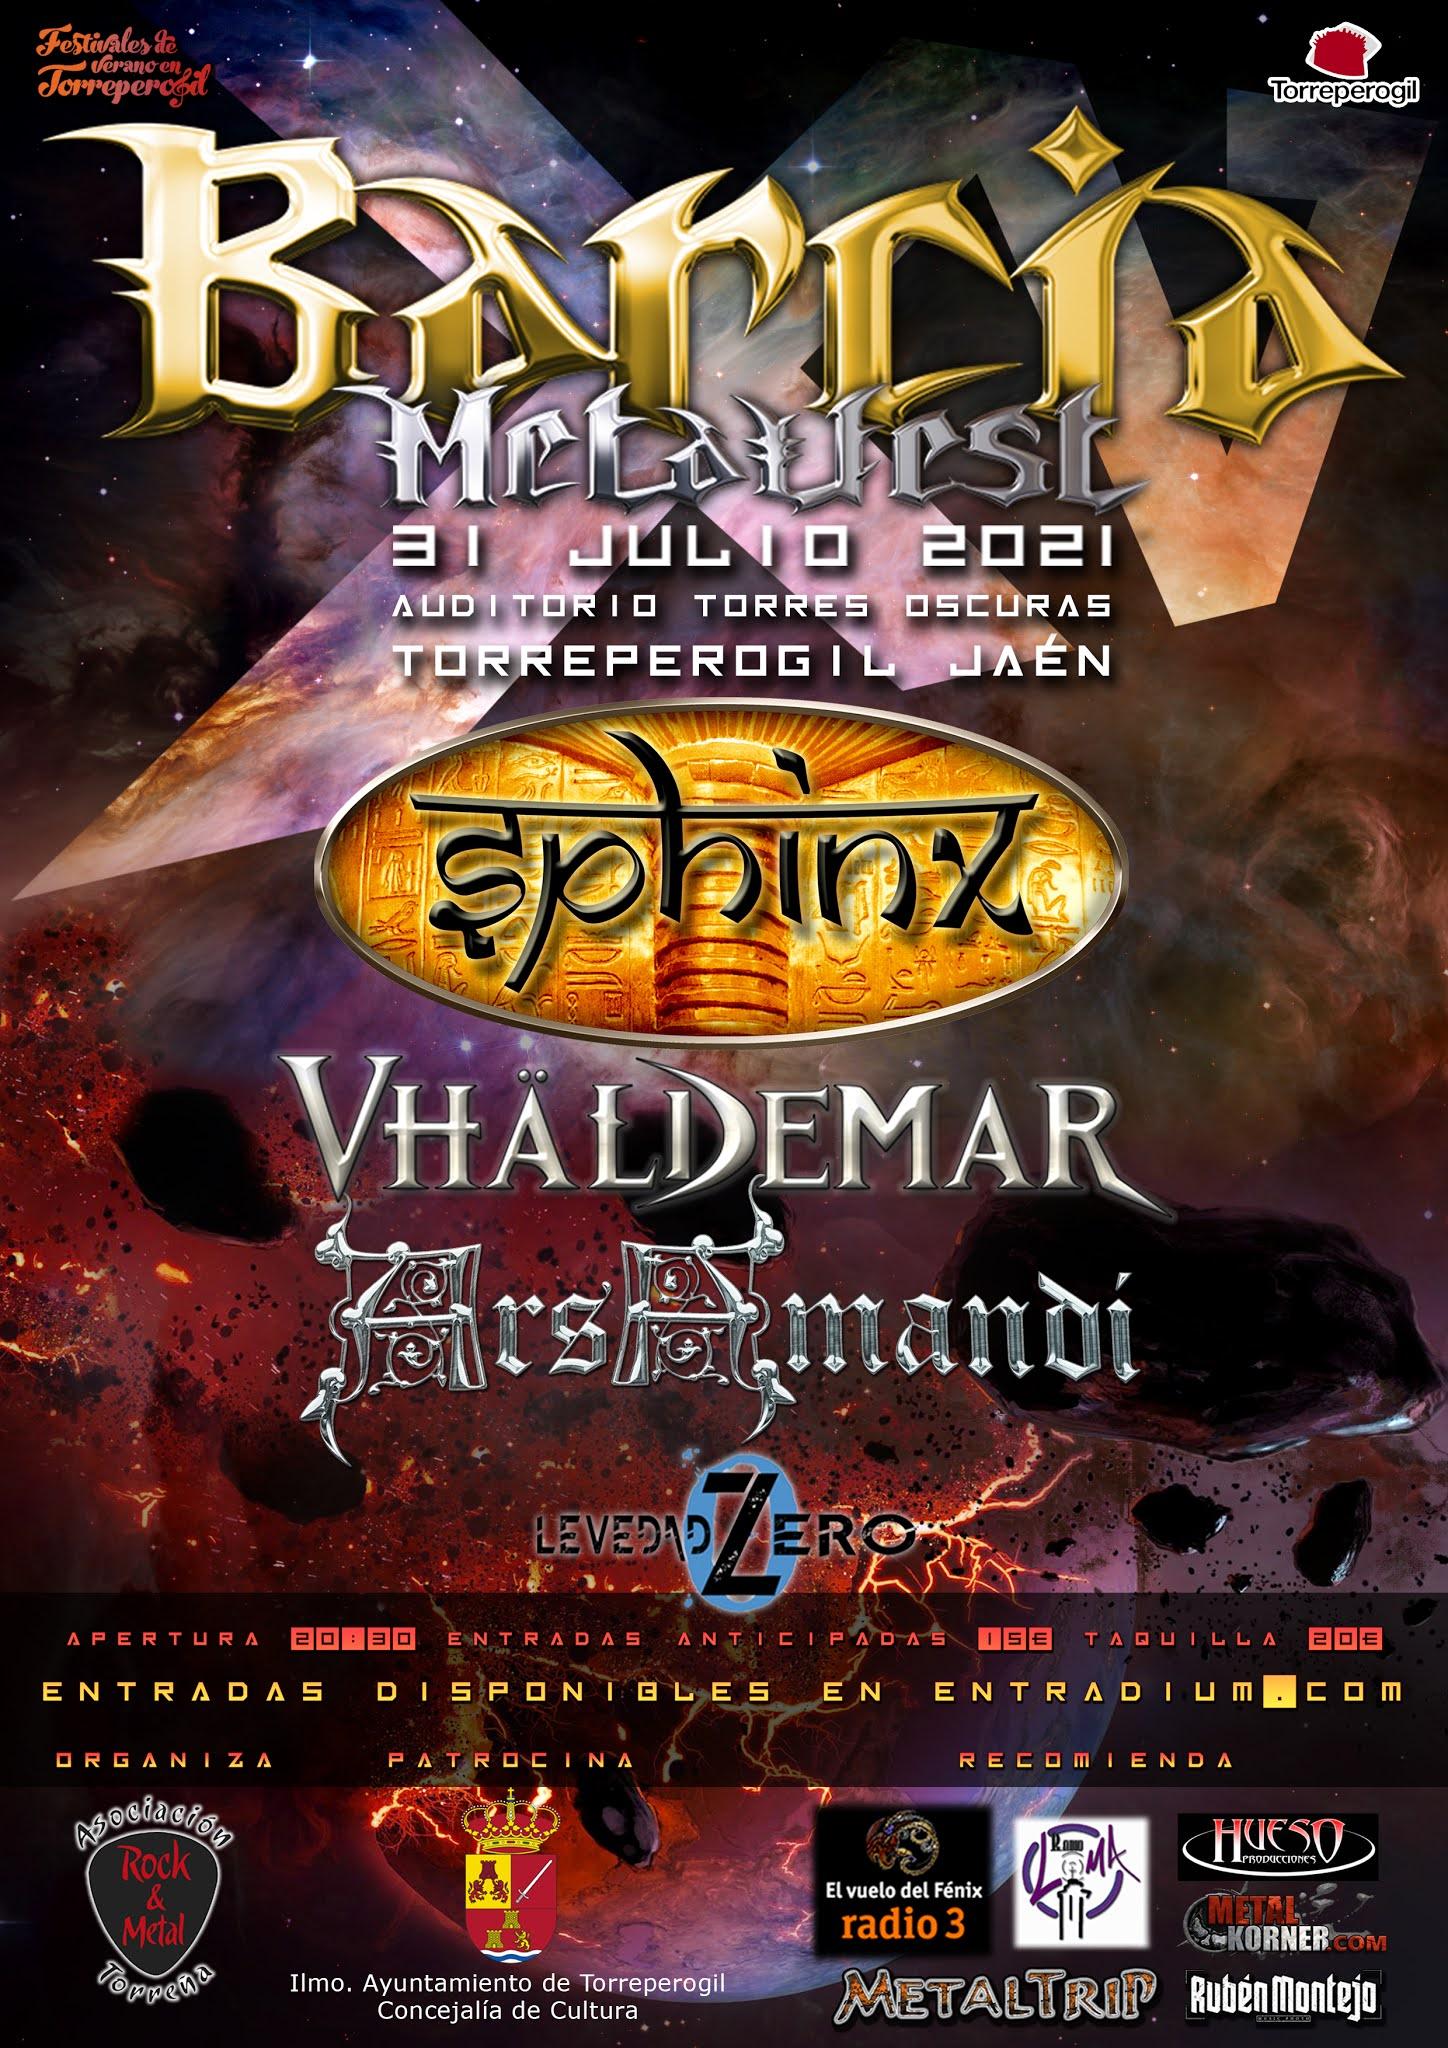 XV Barcia Metal Fest 2021